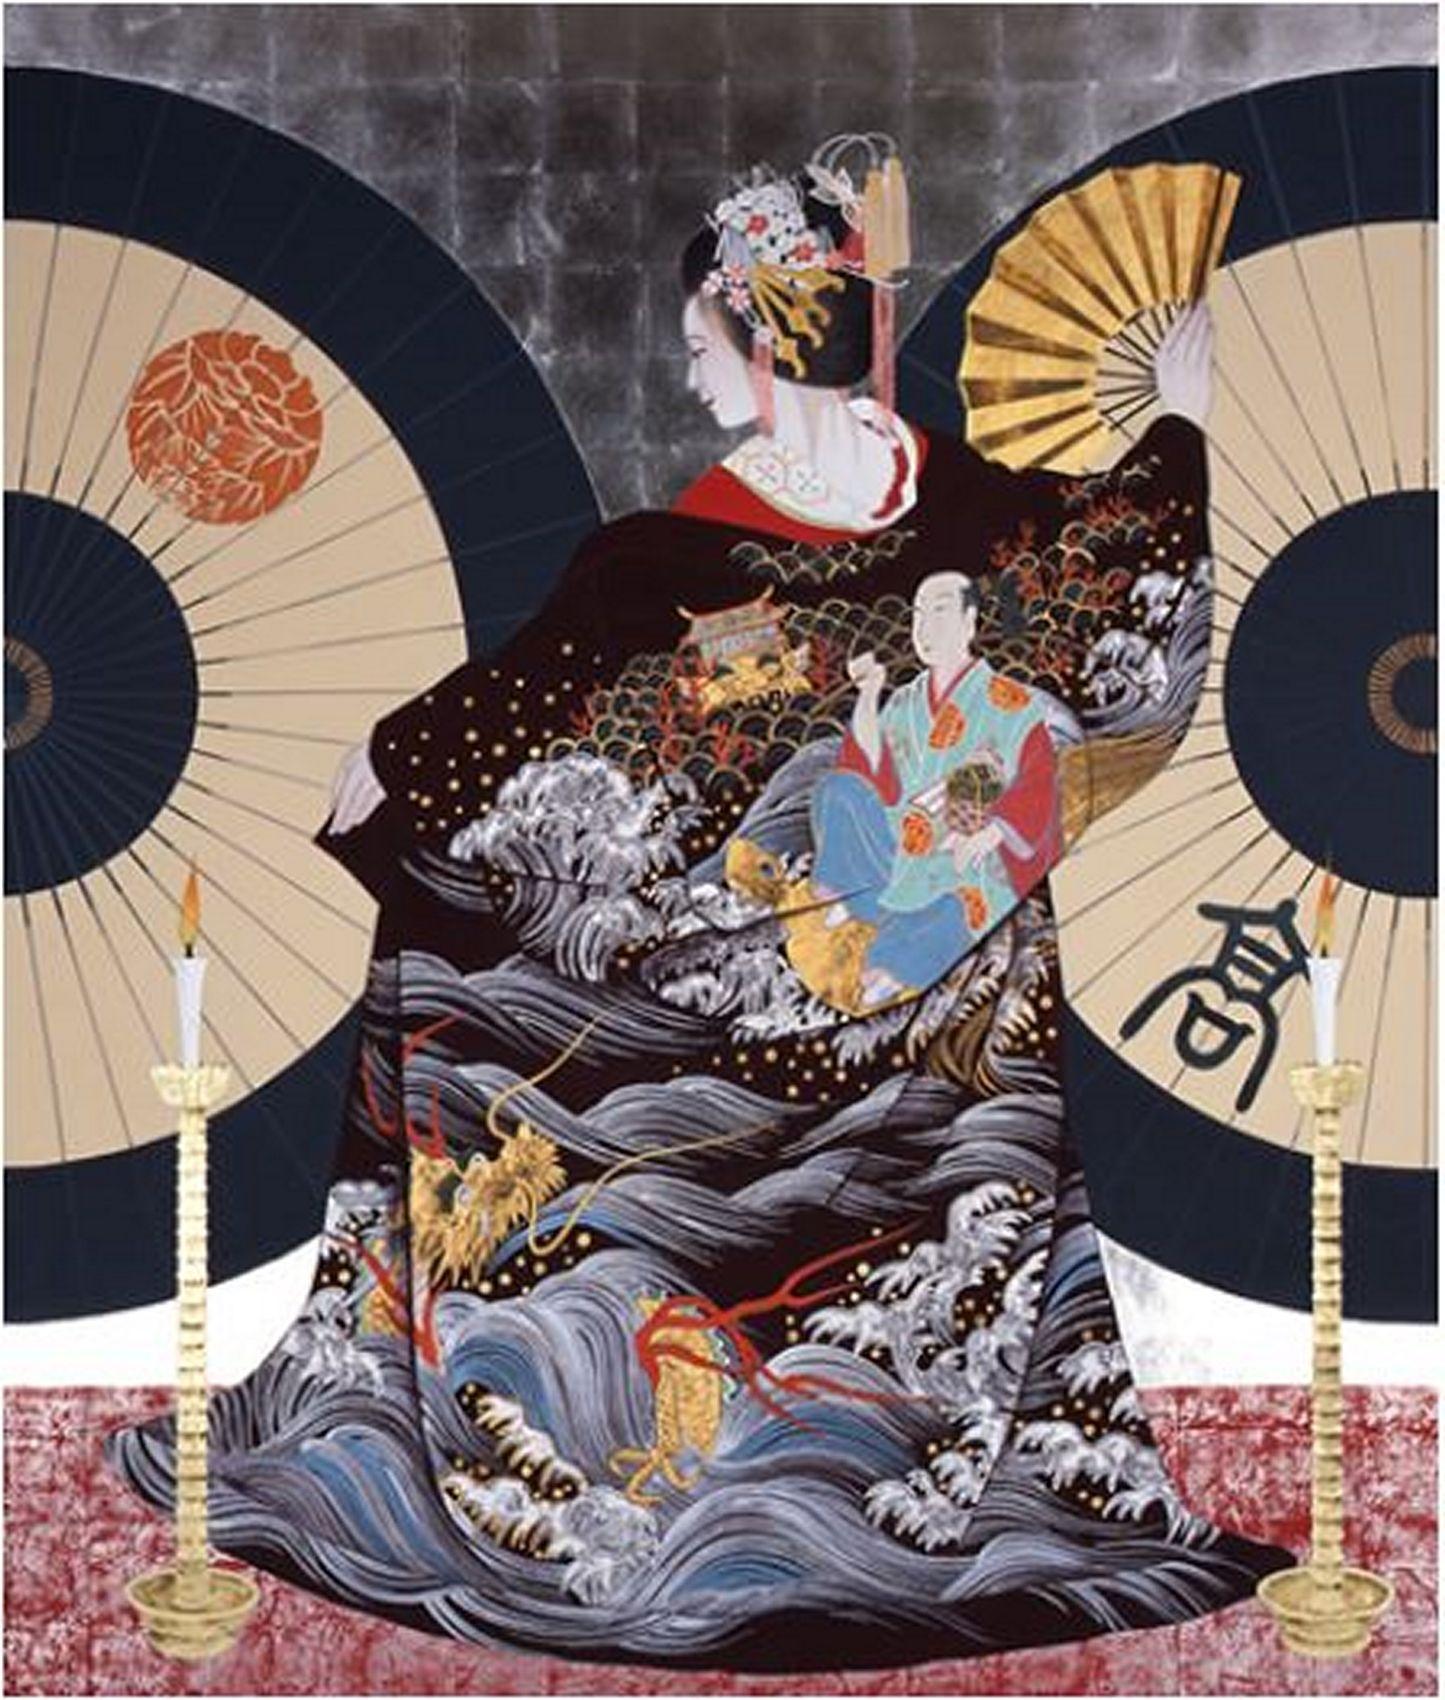 Ryugu by Morita Rieko.